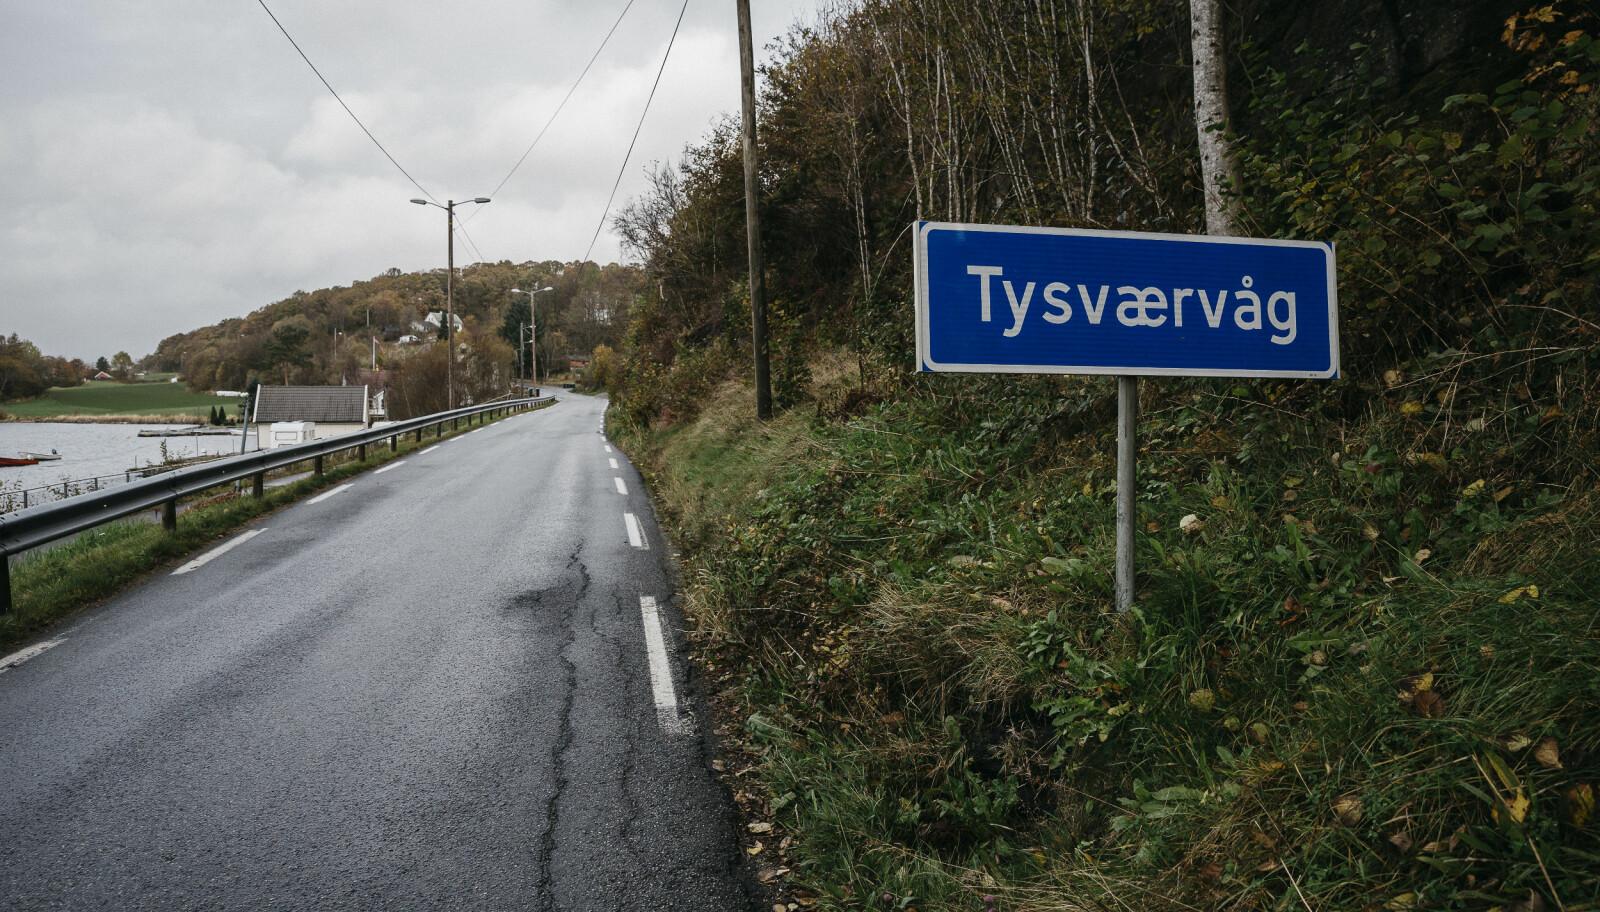 Veien til Tysværvåg. FOTO: Tommy Ellingsen